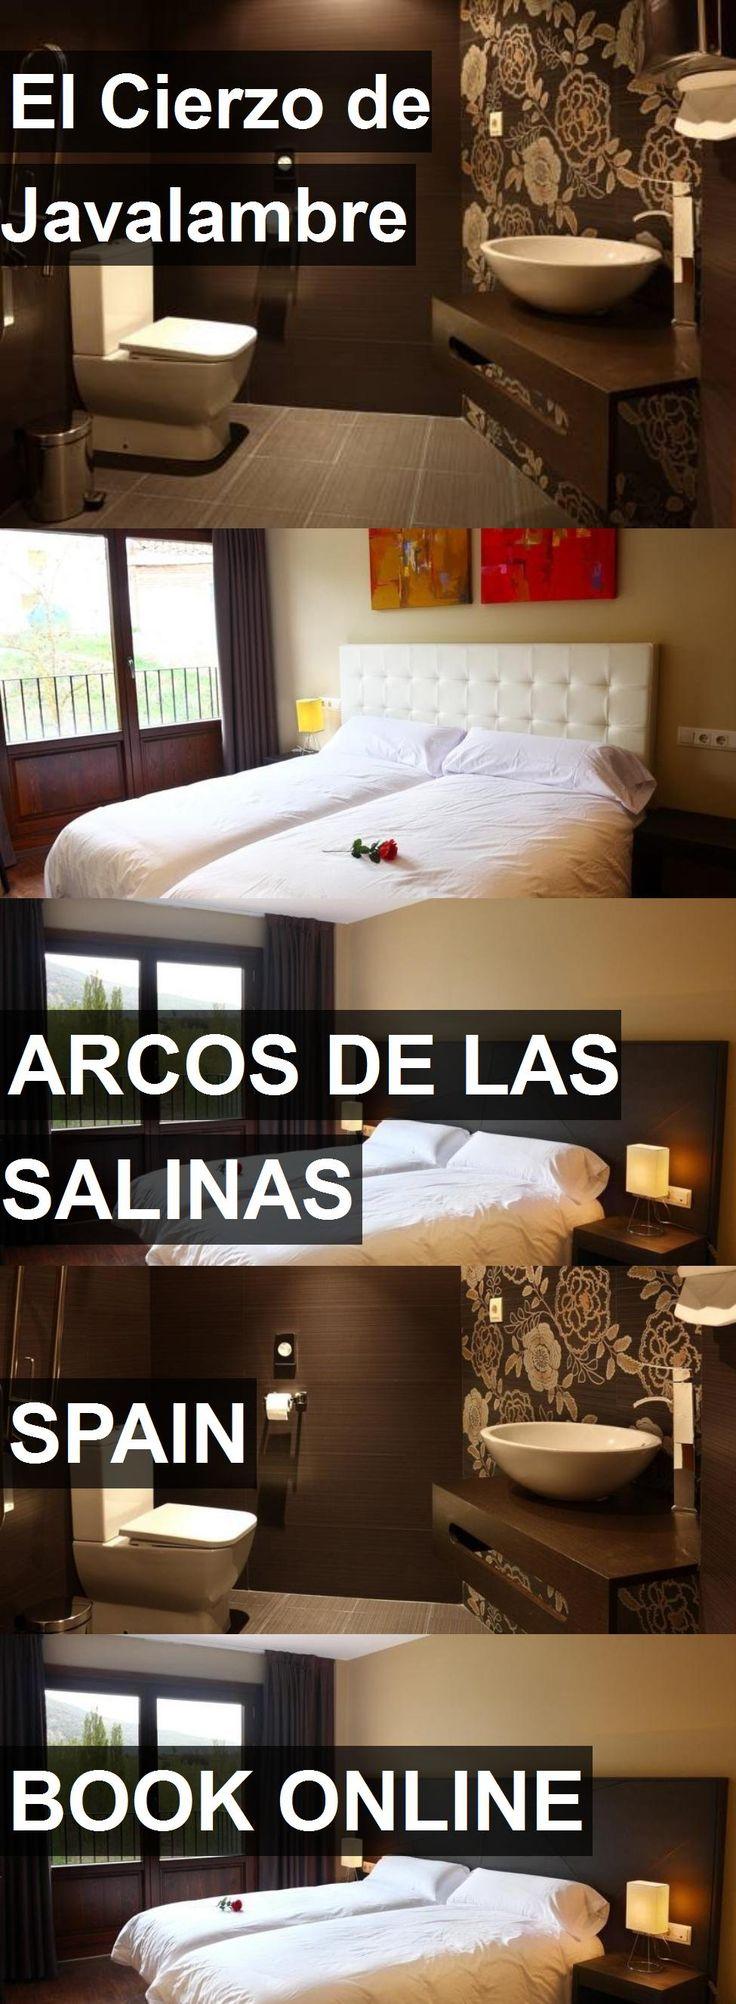 Hotel El Cierzo de Javalambre in Arcos de las Salinas, Spain. For more information, photos, reviews and best prices please follow the link. #Spain #ArcosdelasSalinas #travel #vacation #hotel